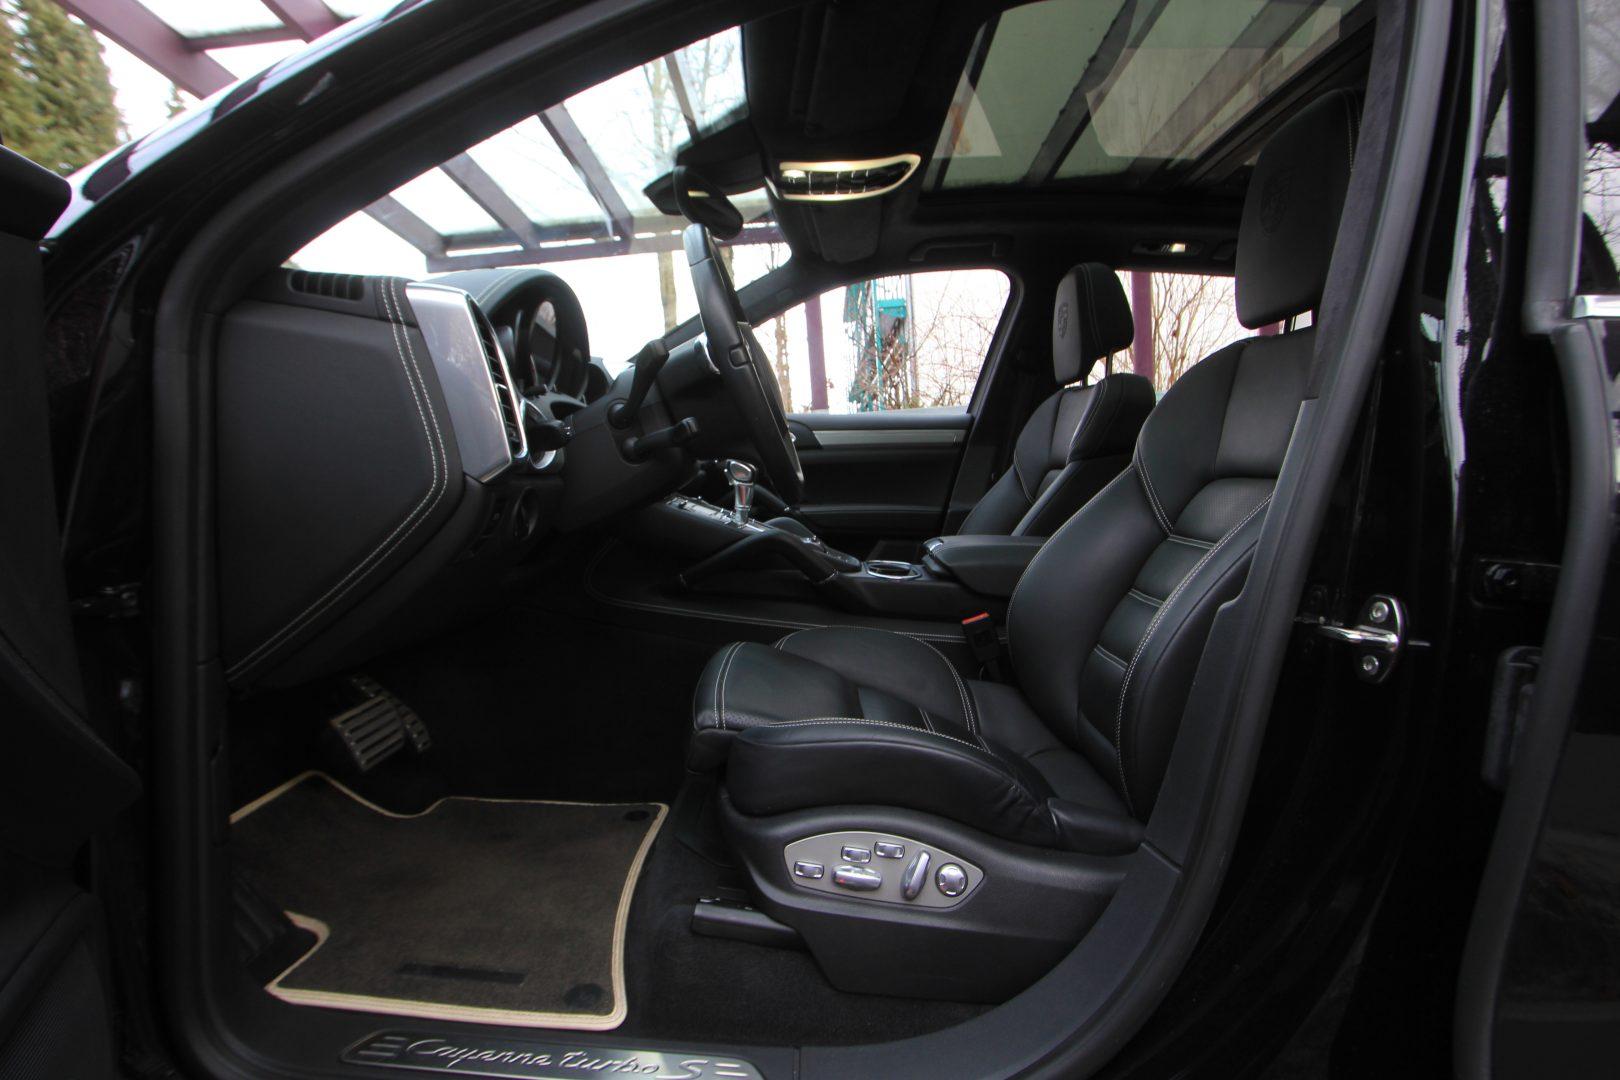 AIL Porsche Cayenne Turbo S 6